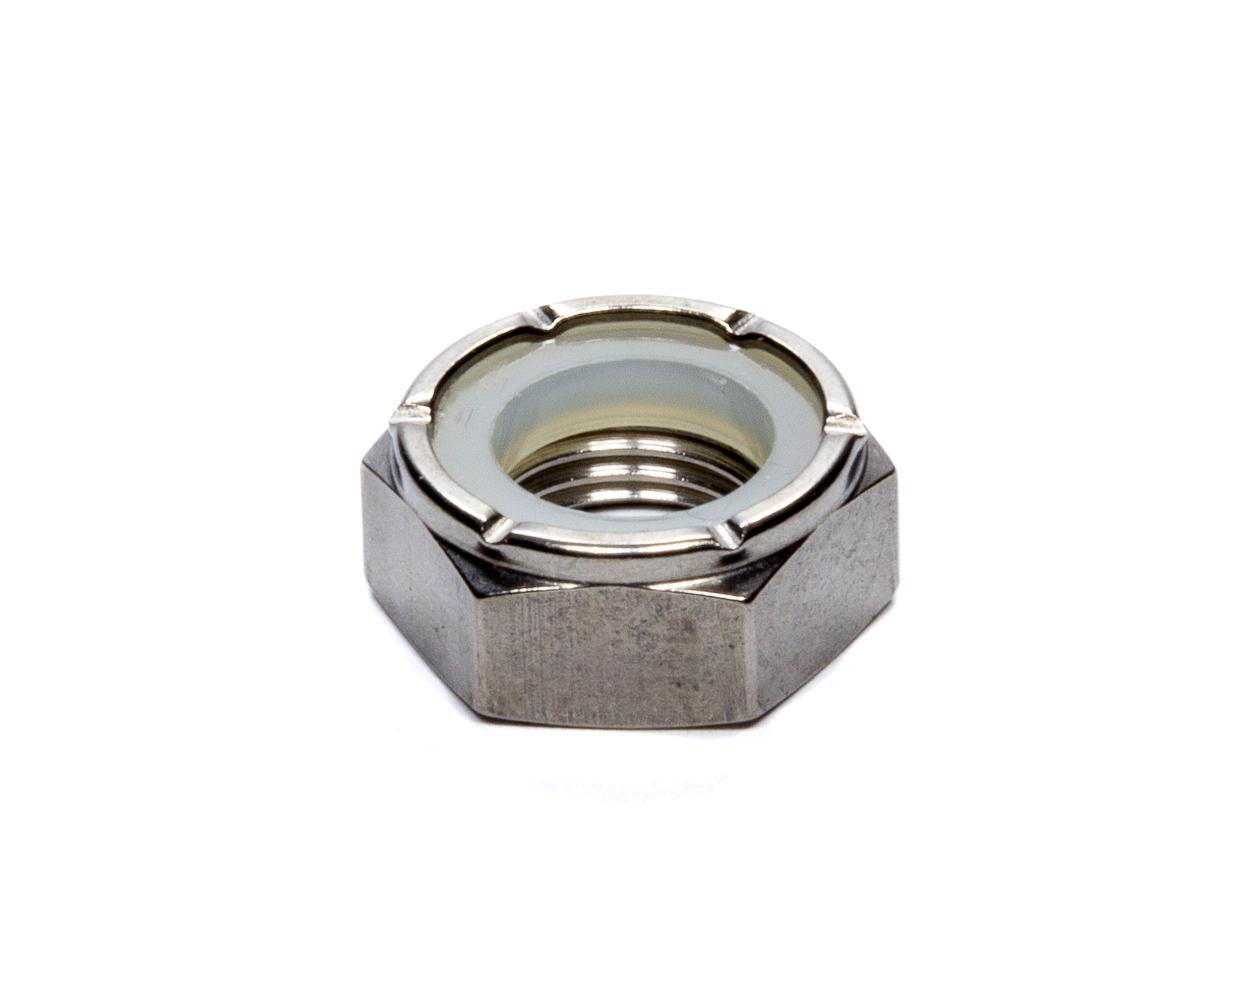 Mettec Titanium Hex Nylock Lock 1/2-20 Thin Head